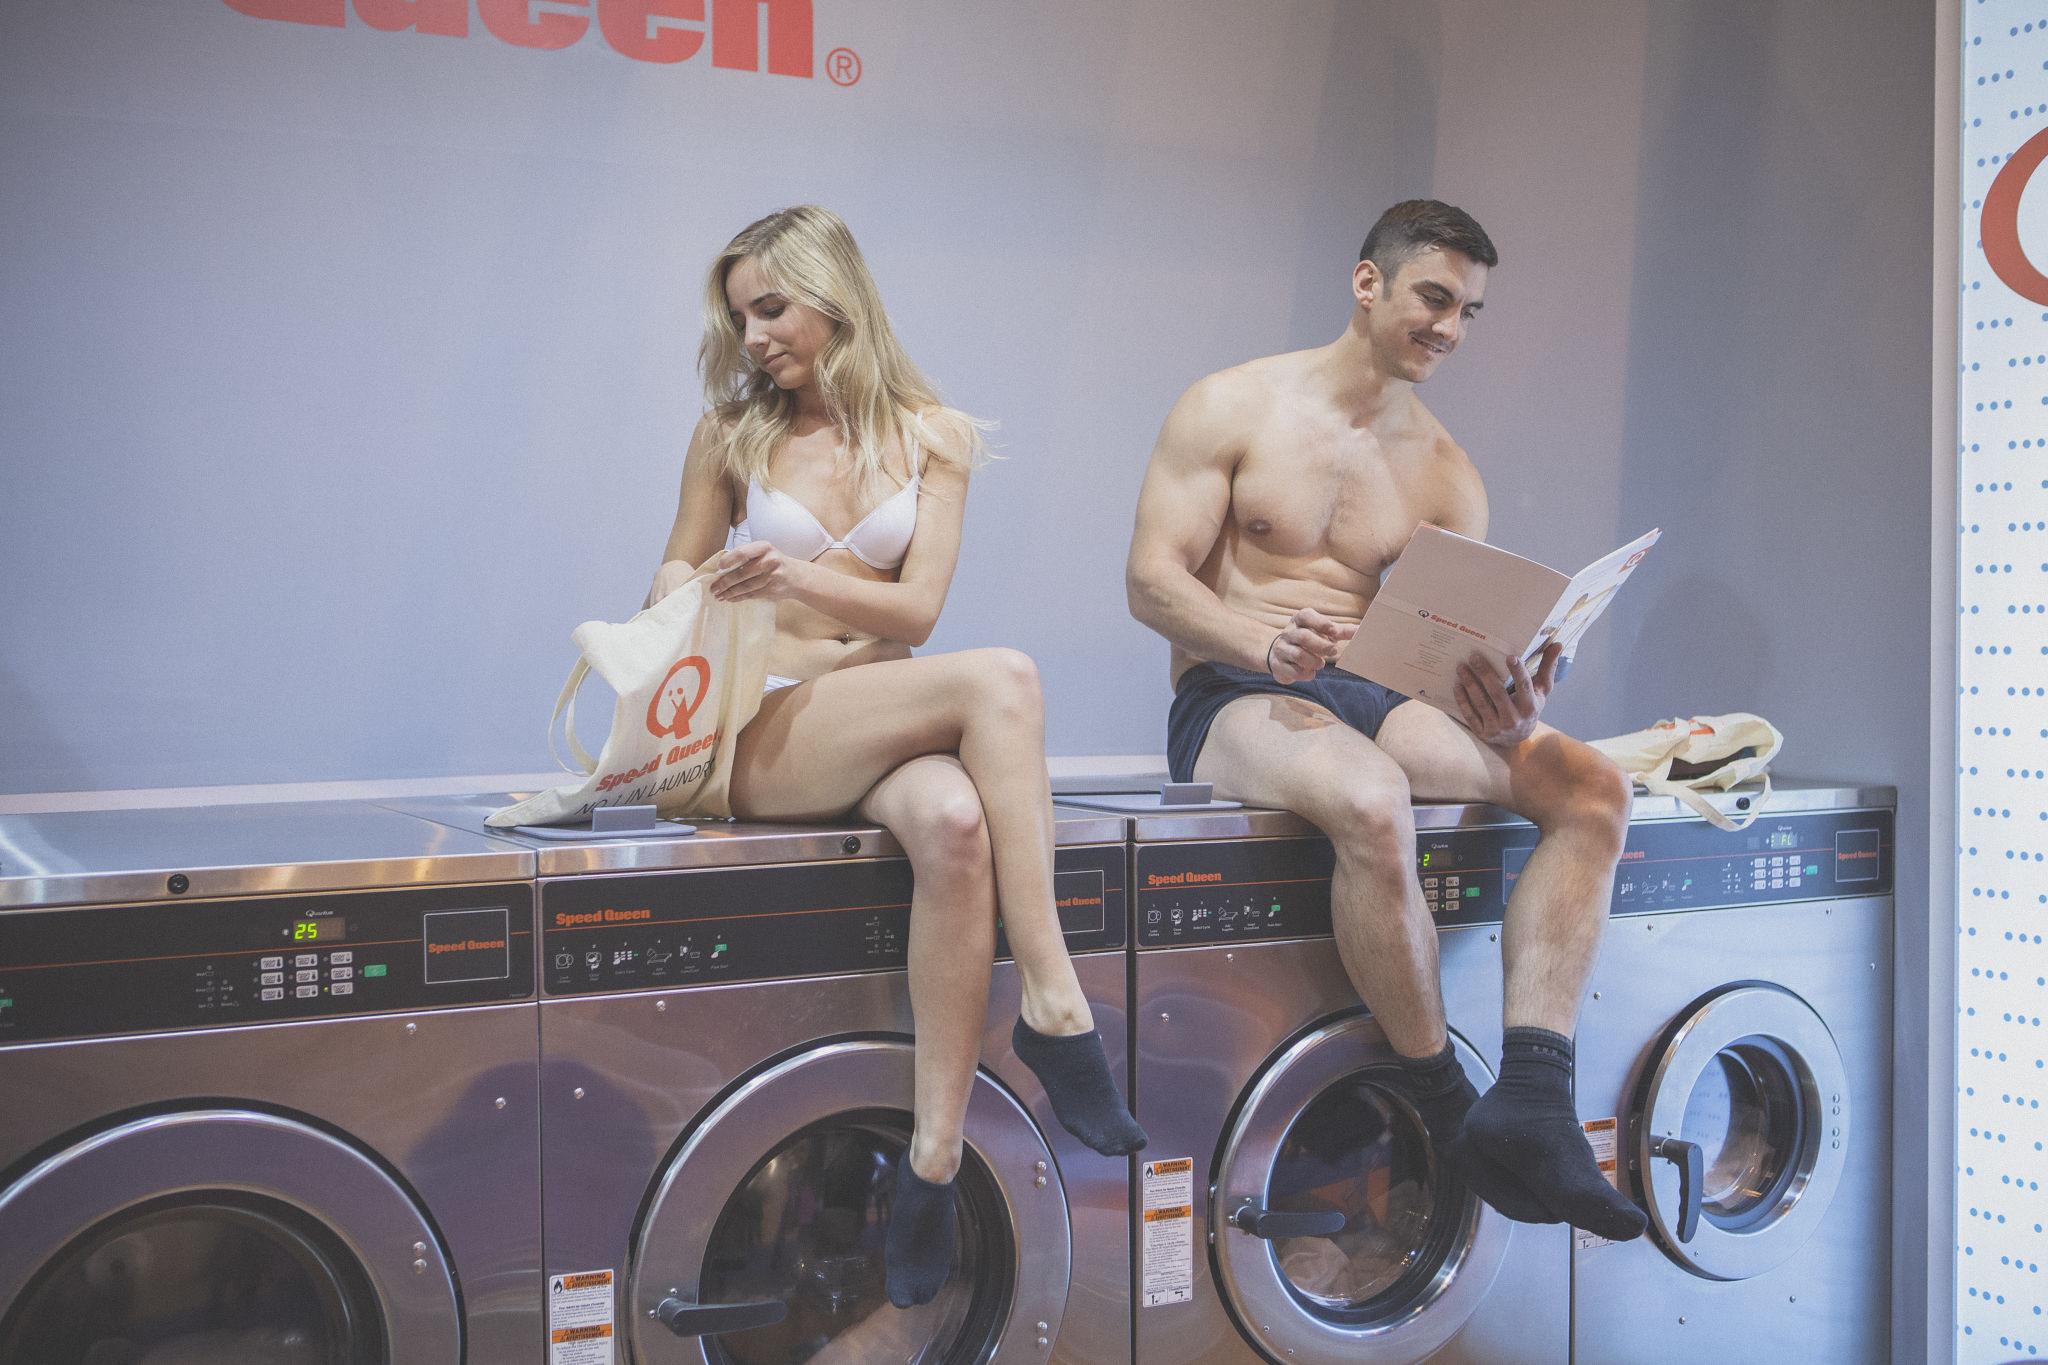 Demostración lavandería Speed Queen España 2